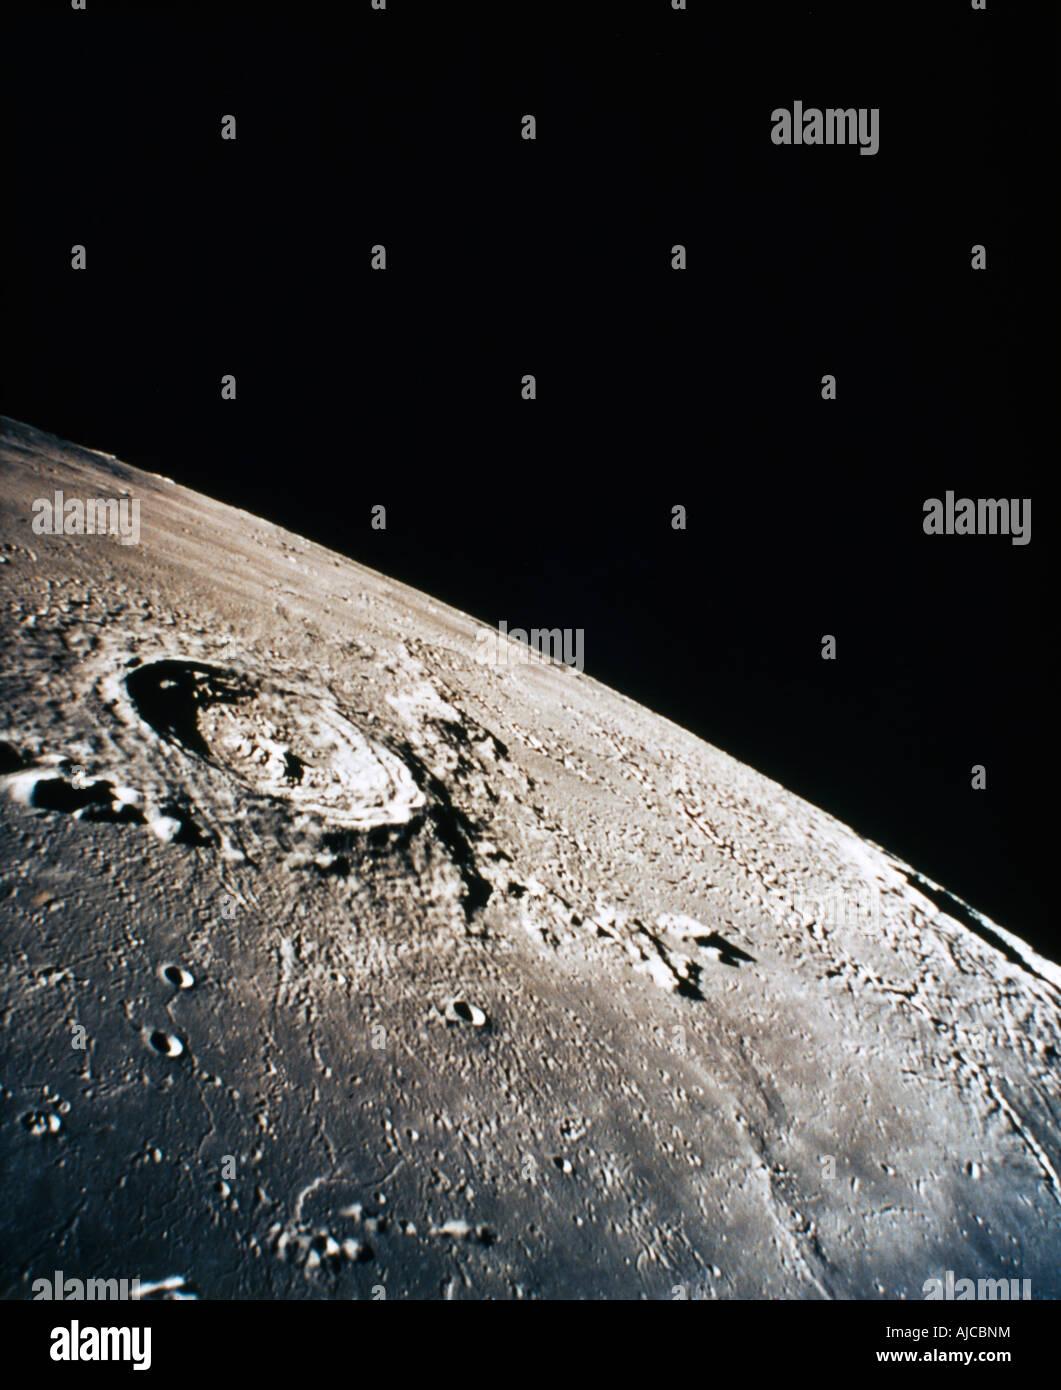 Cratère sur surface de Lune Eratosthenes Photo Stock